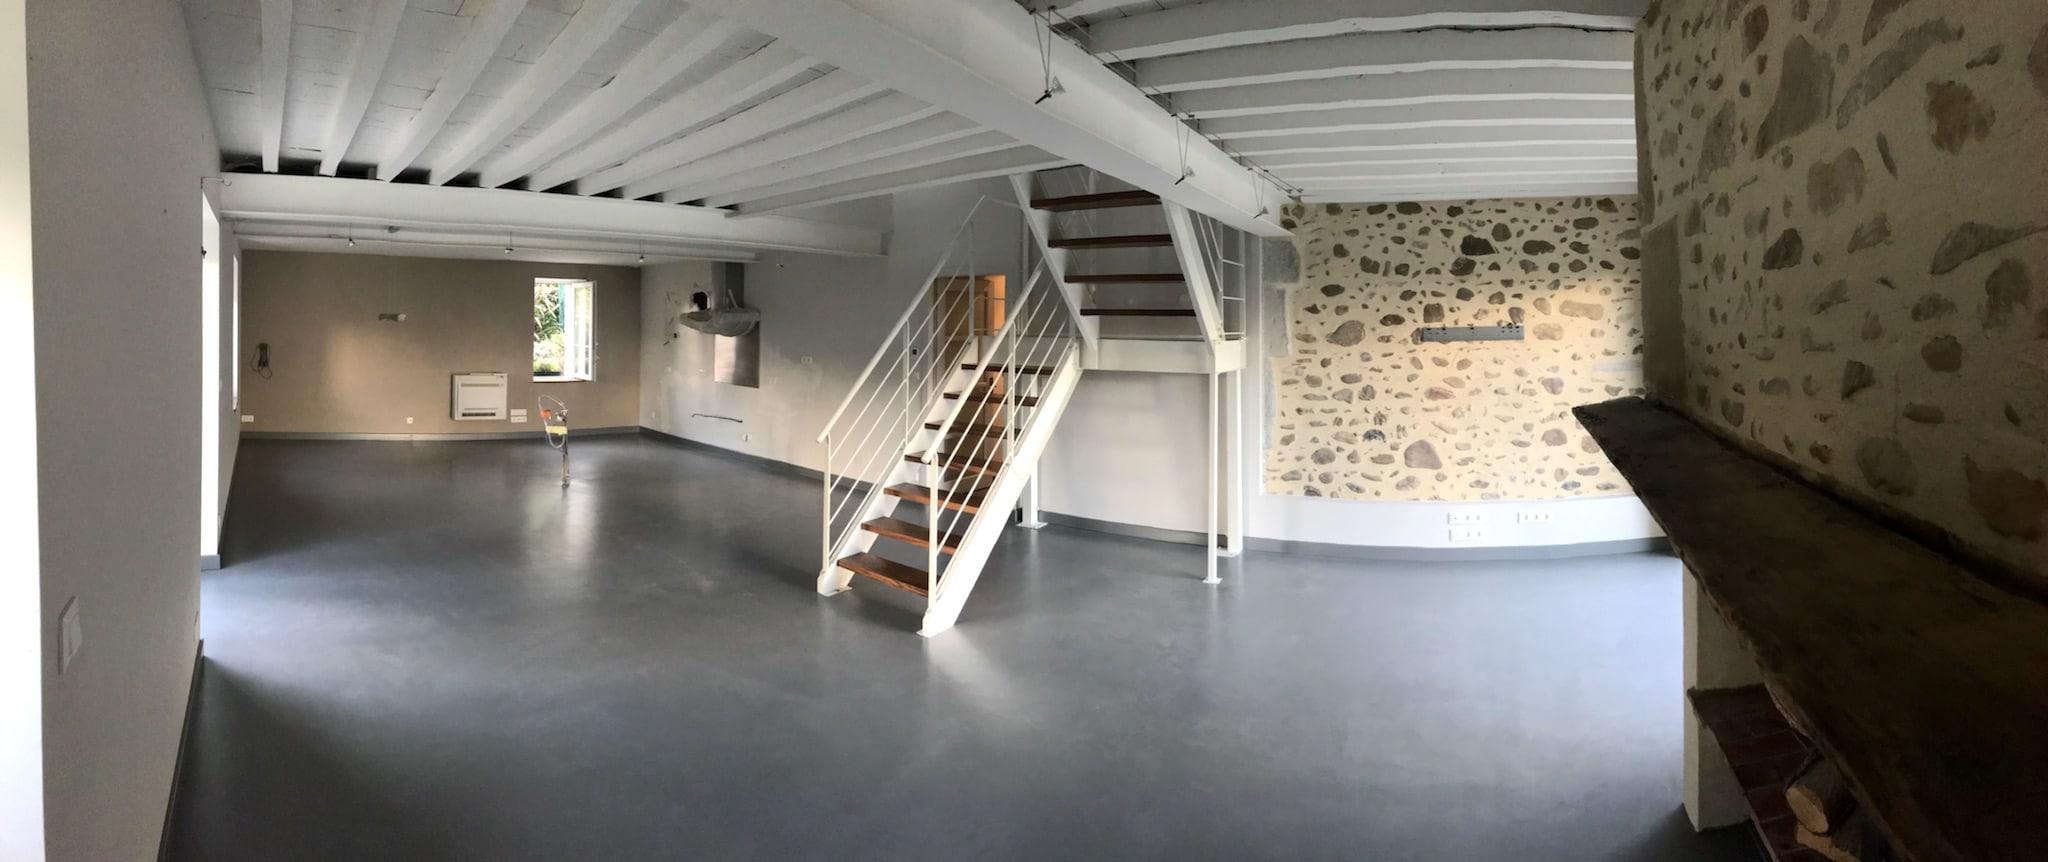 le b ton cir en d coration d int rieur d 39 co pau d coration d 39 int rieur. Black Bedroom Furniture Sets. Home Design Ideas